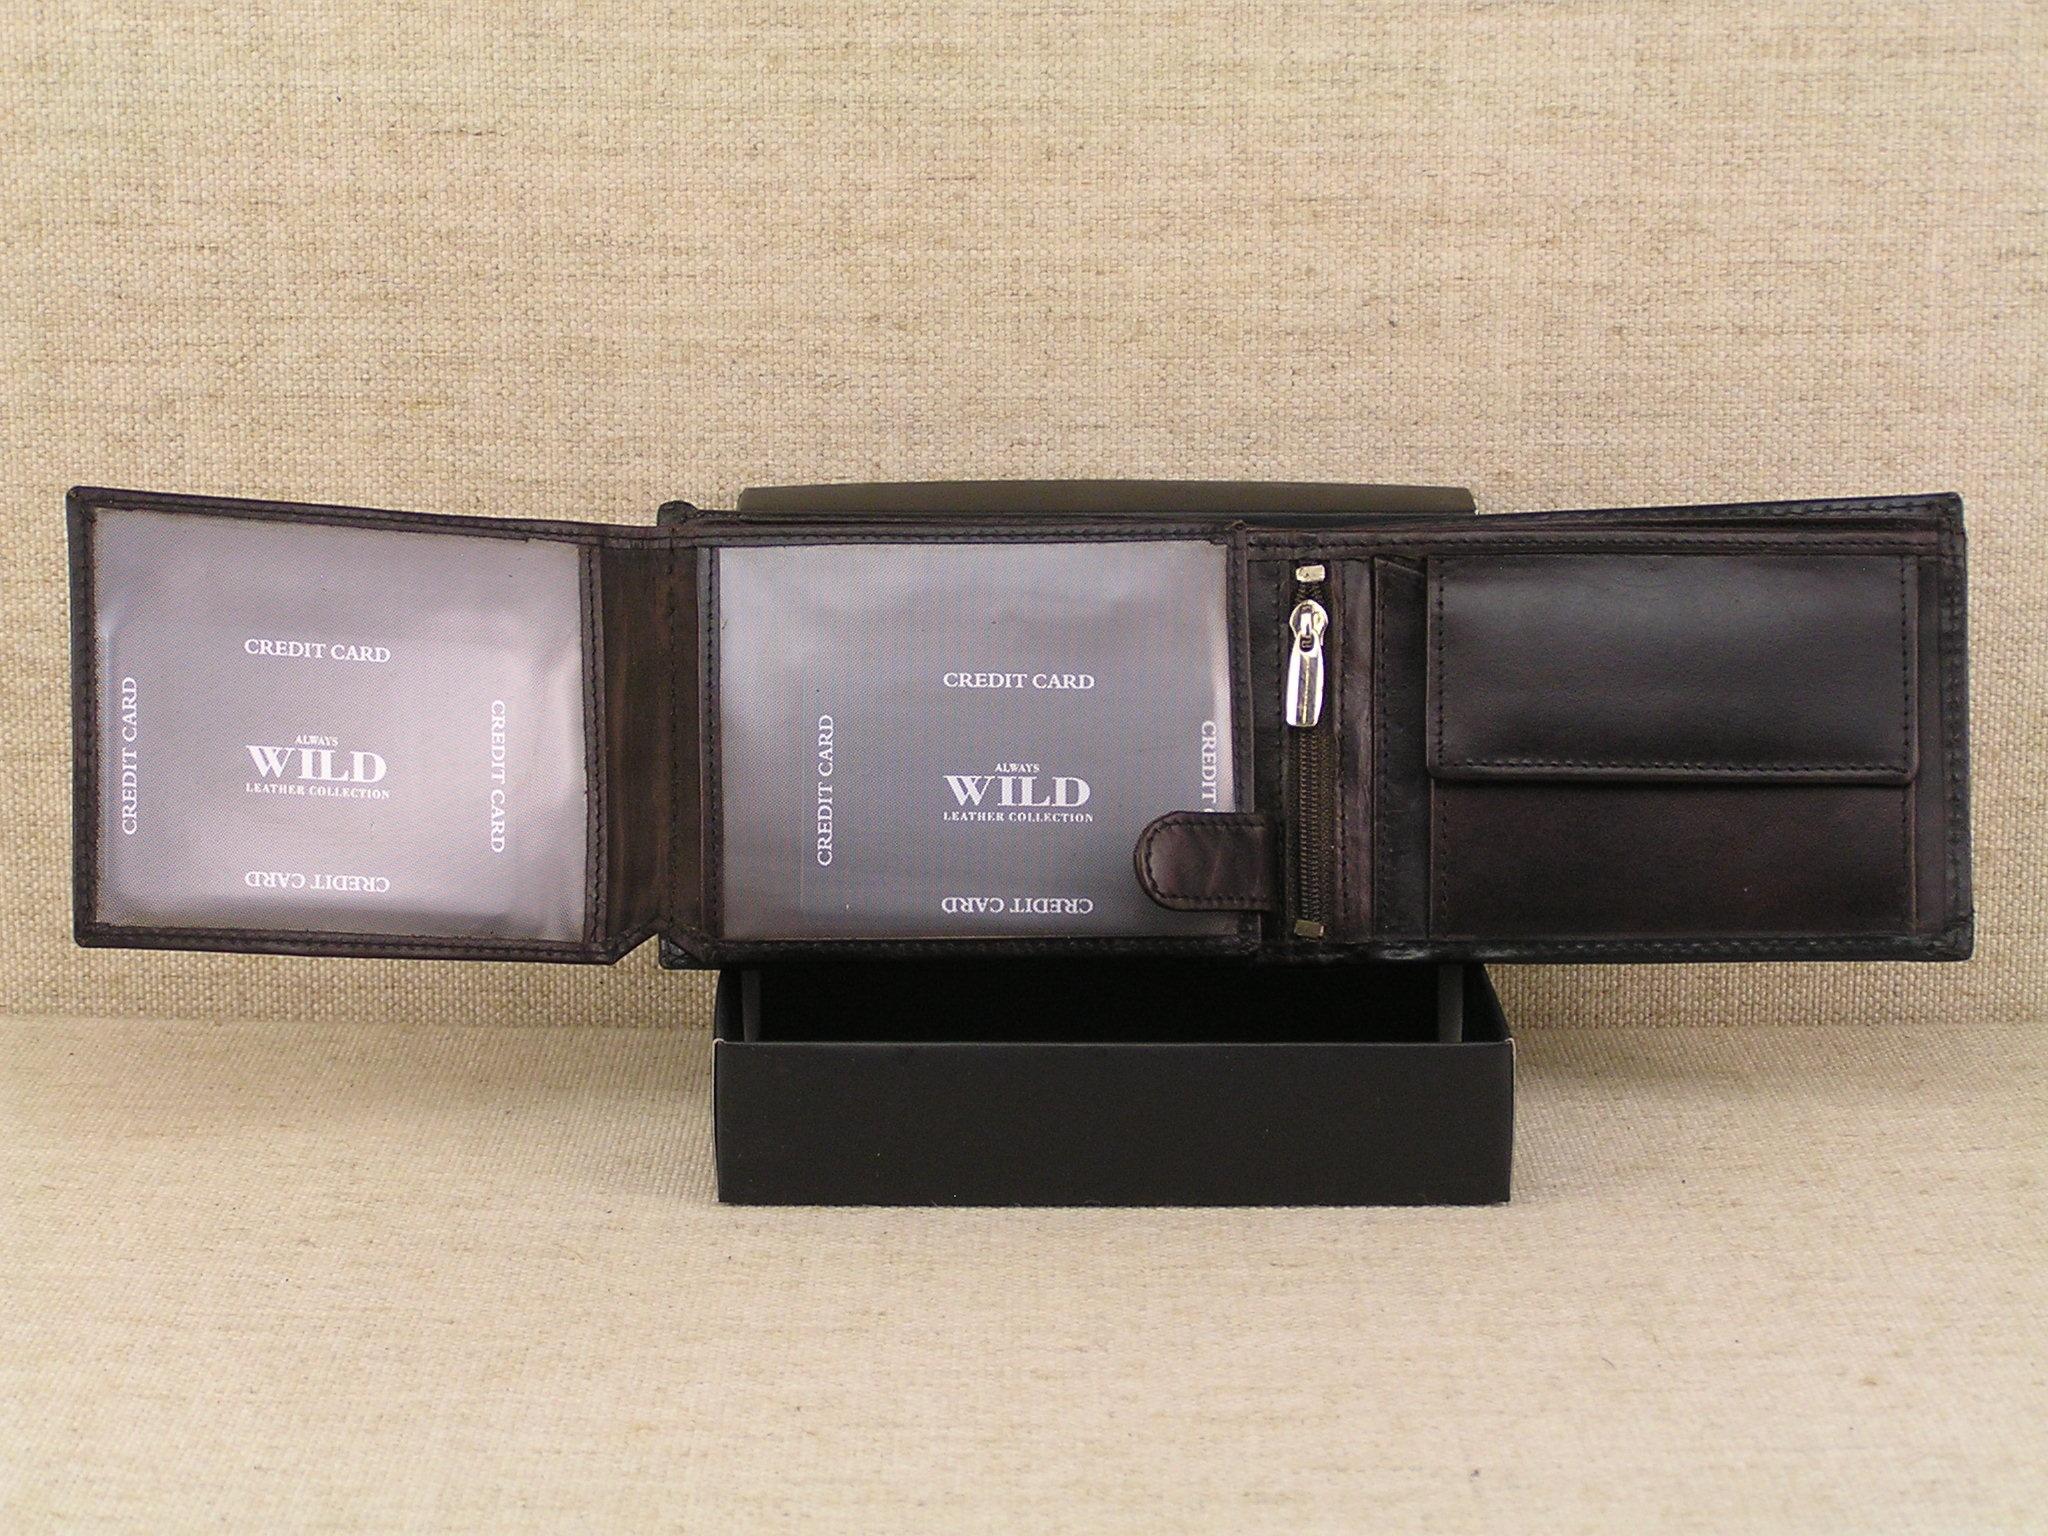 aca58b2d5cdd5 Pánská kožená peněženka Always Wild N992 - SEL černo hnědá - Greisi